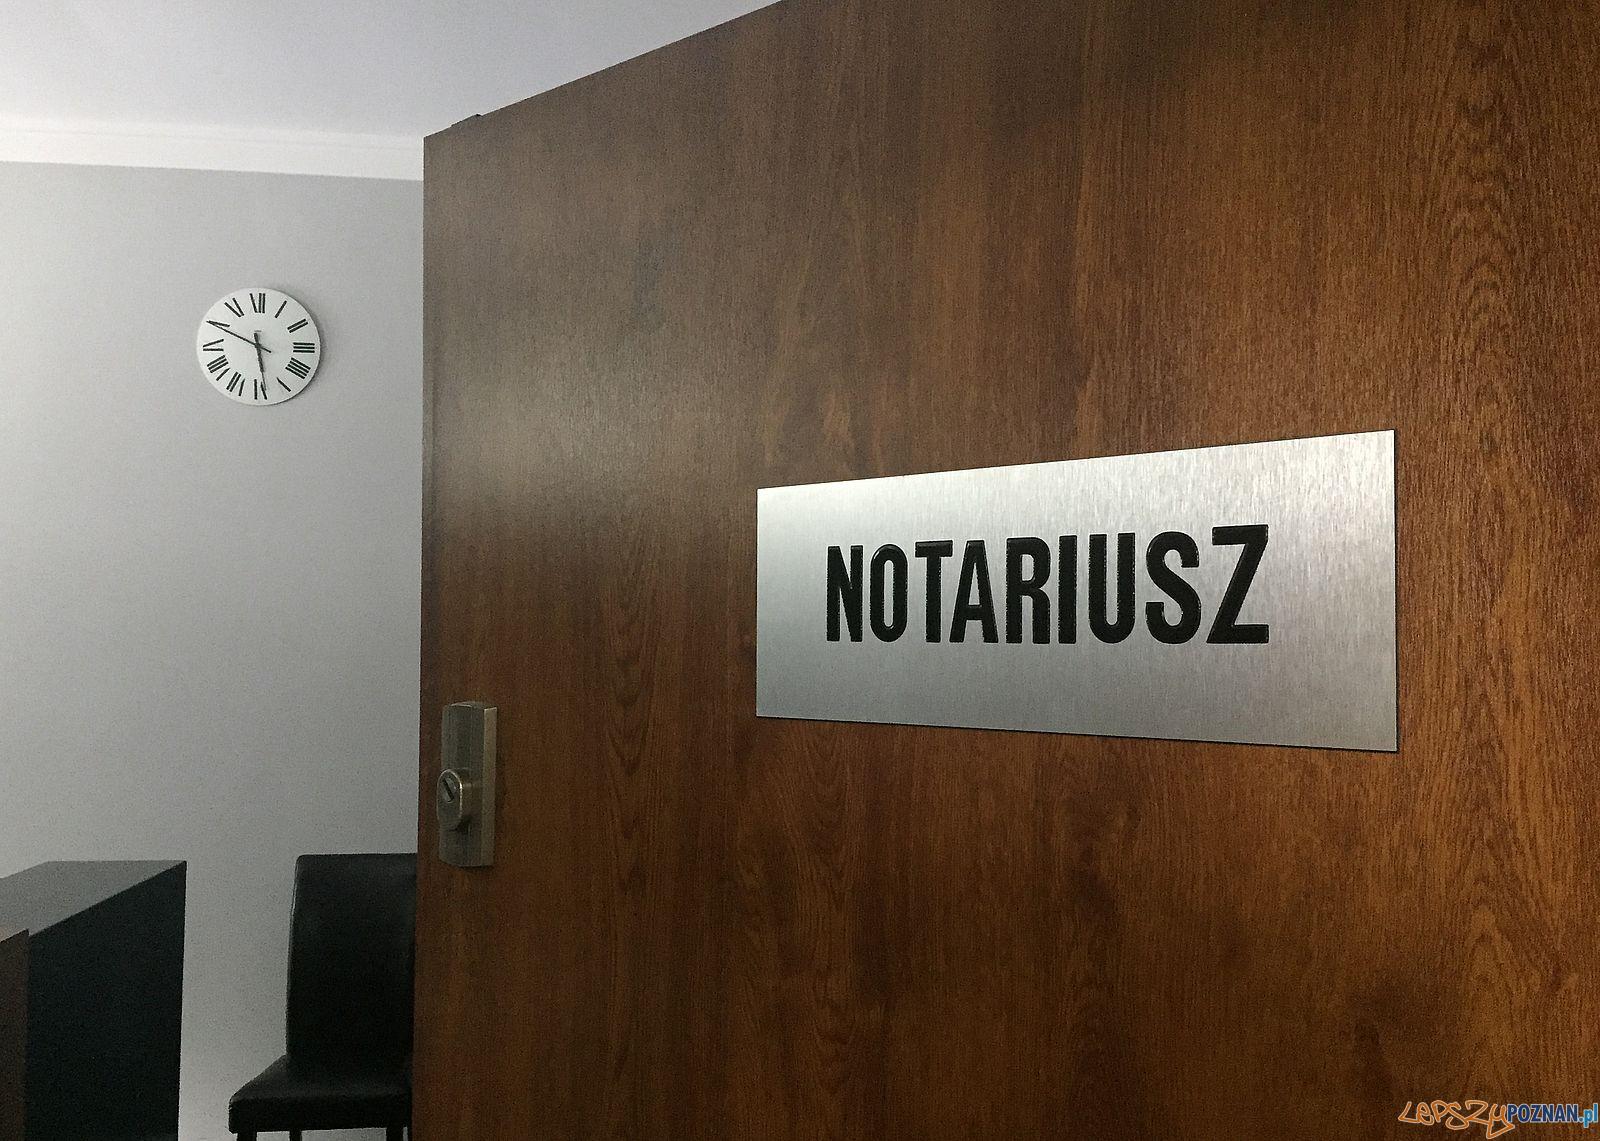 Notariusz - zdjecie ilustracyjne (1)  Foto: materiały prasowe